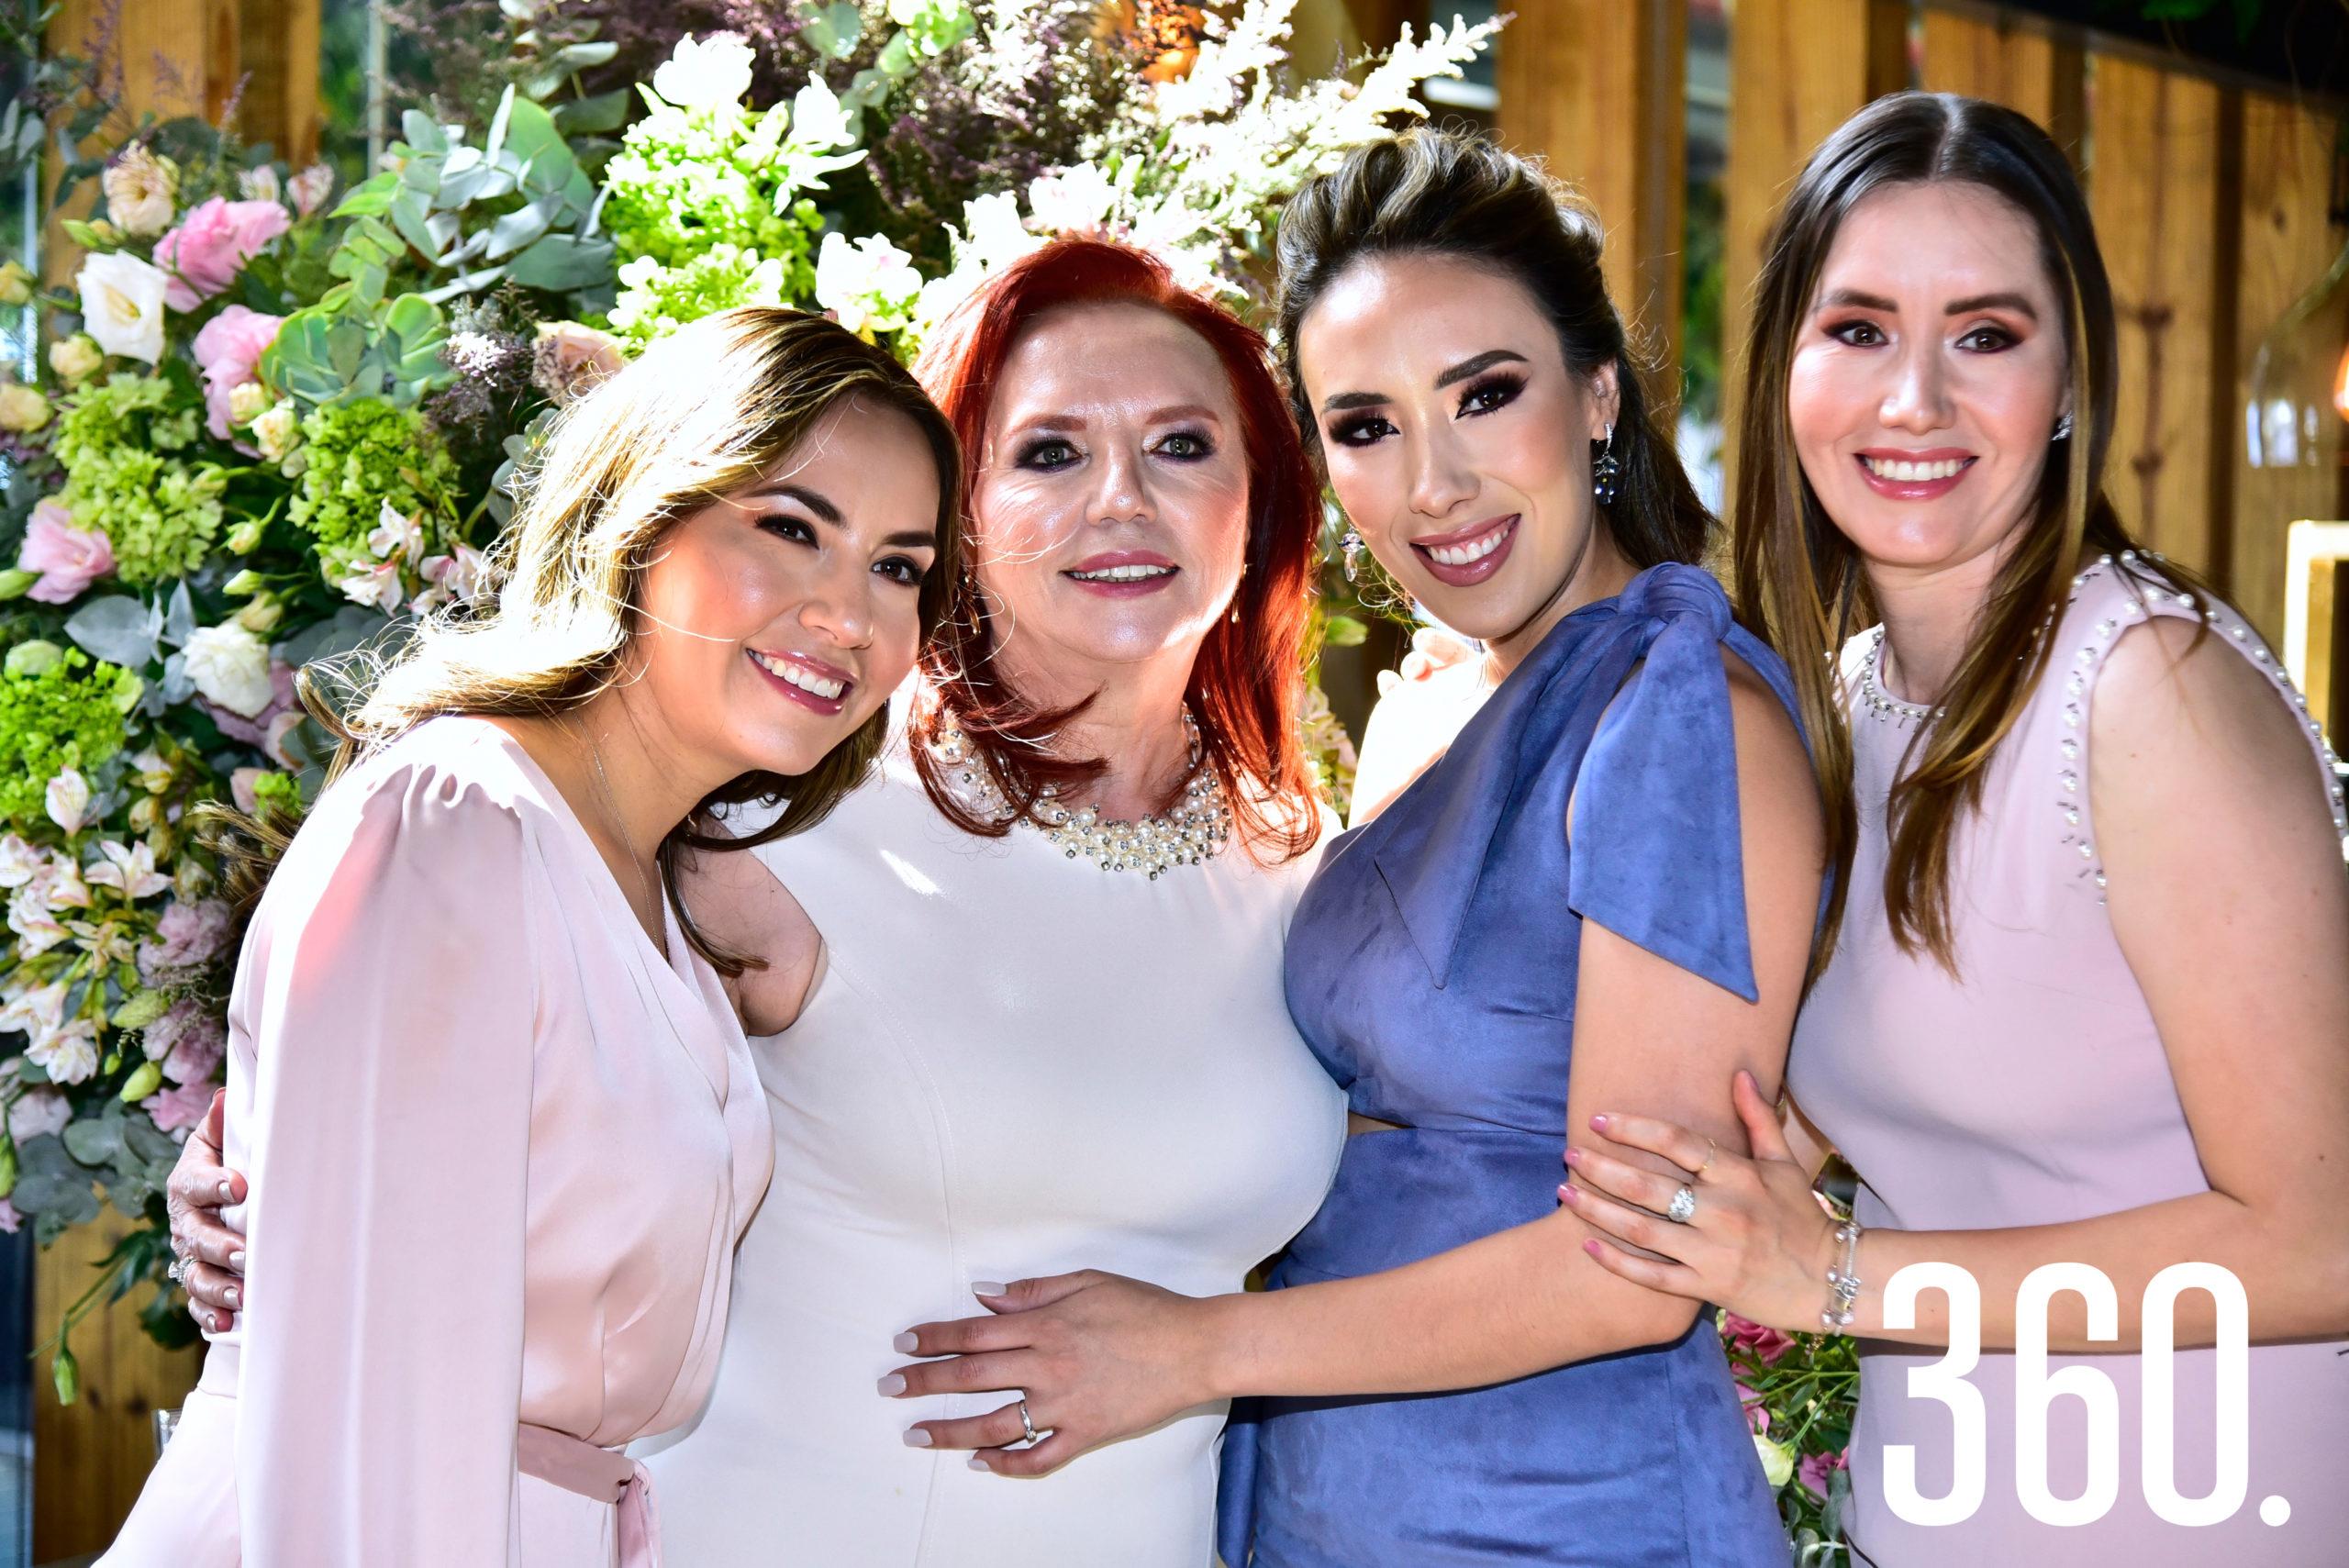 Lorena Villanueva Ramos con su mamá, María Mercedes de Villanueva, y sus hermanas Nadia y Cynthia Villanueva Ramos.